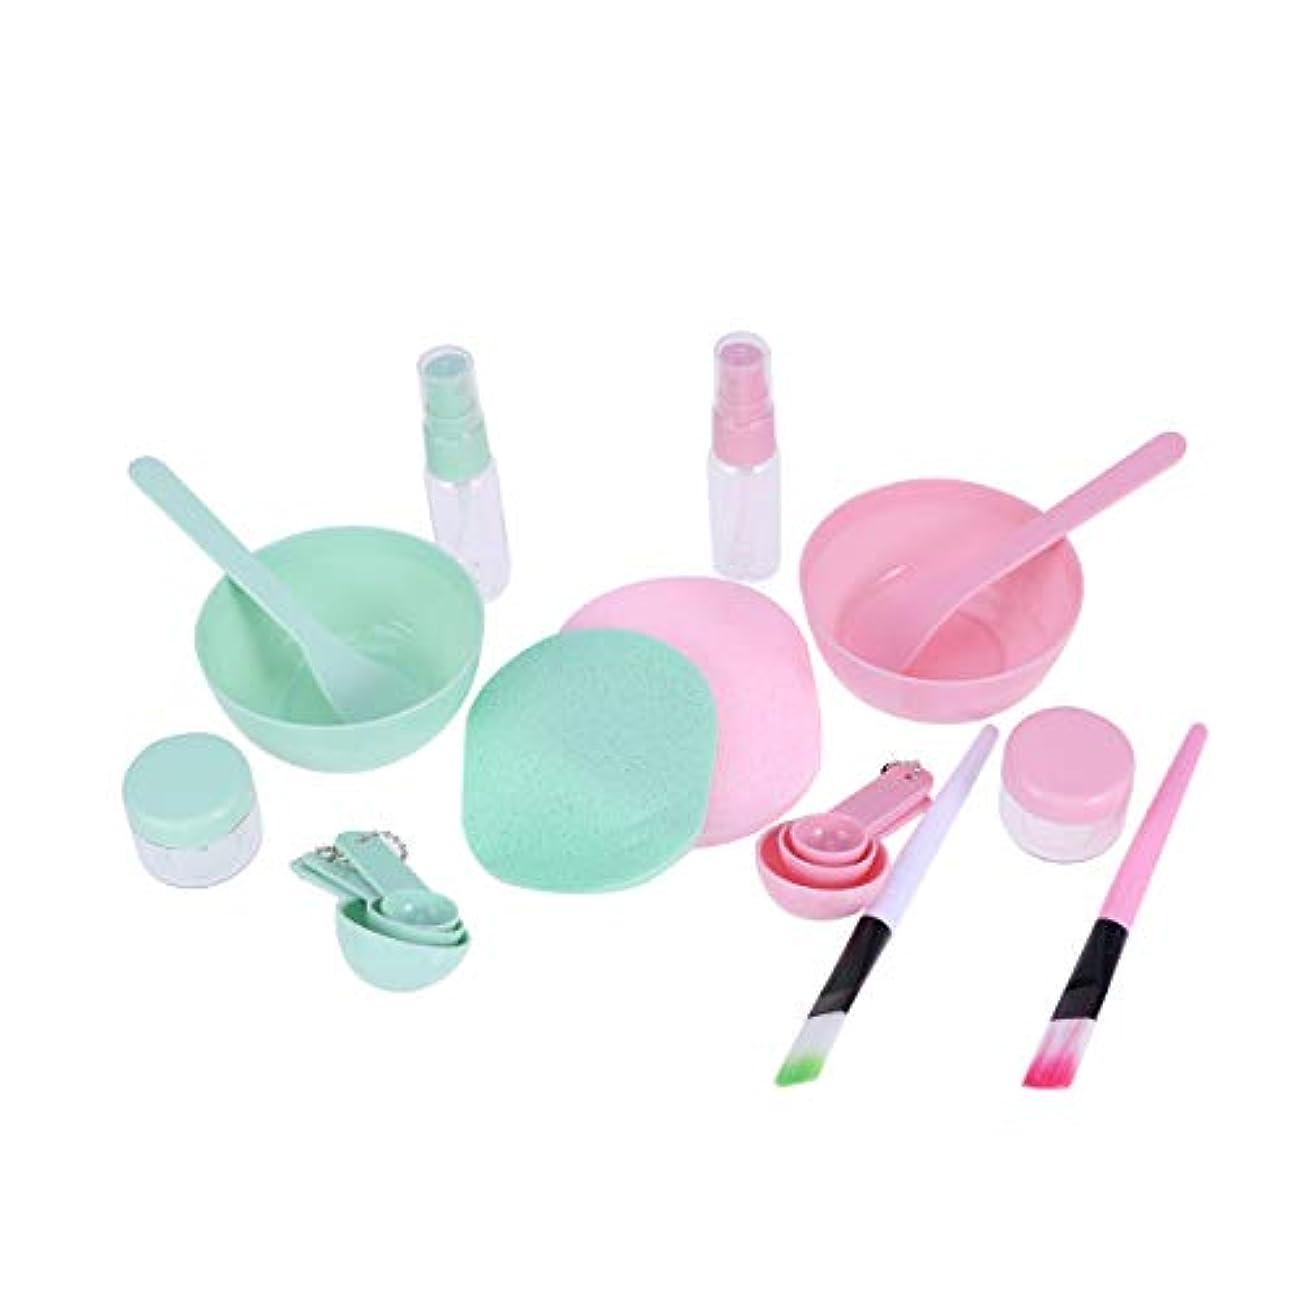 確認してください移行する韻Lurrose 2セット/ 9個DIYフェイスマスクミキシングボウルセットフェイスマスクミキシングツールキット付きシリコンフェイスマスクブラシフェイシャルマスクボウルスティックヘラゲージパフ女性用(ピンク+グリーン)